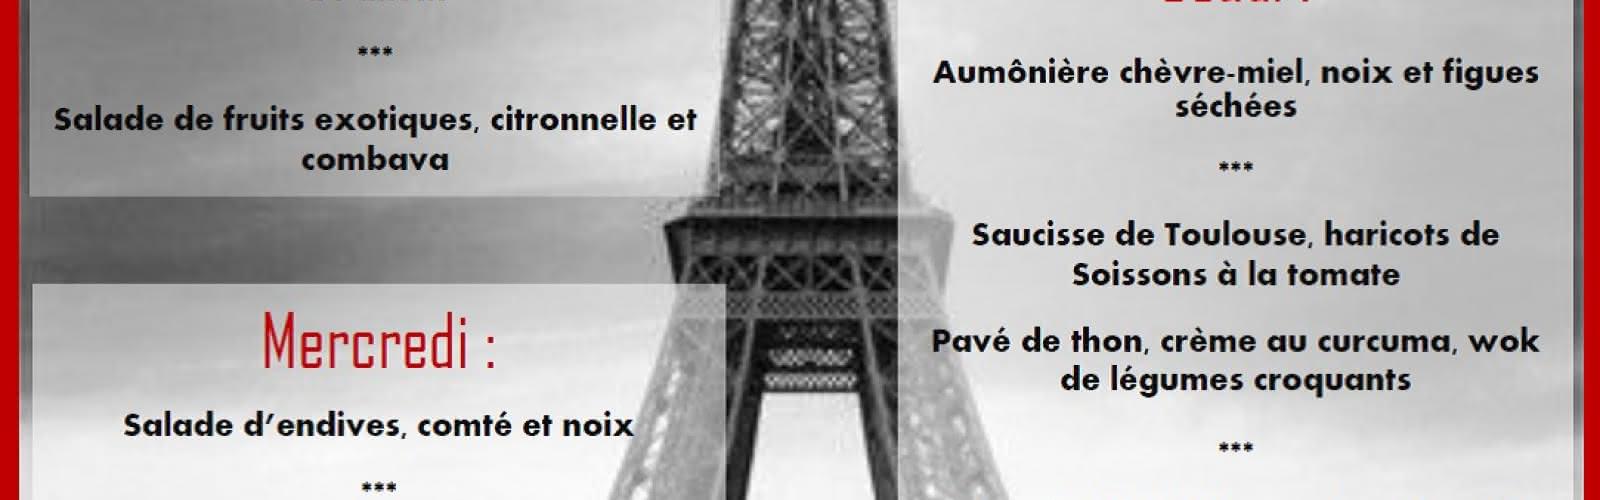 Le menu de la semaine au Before Paris